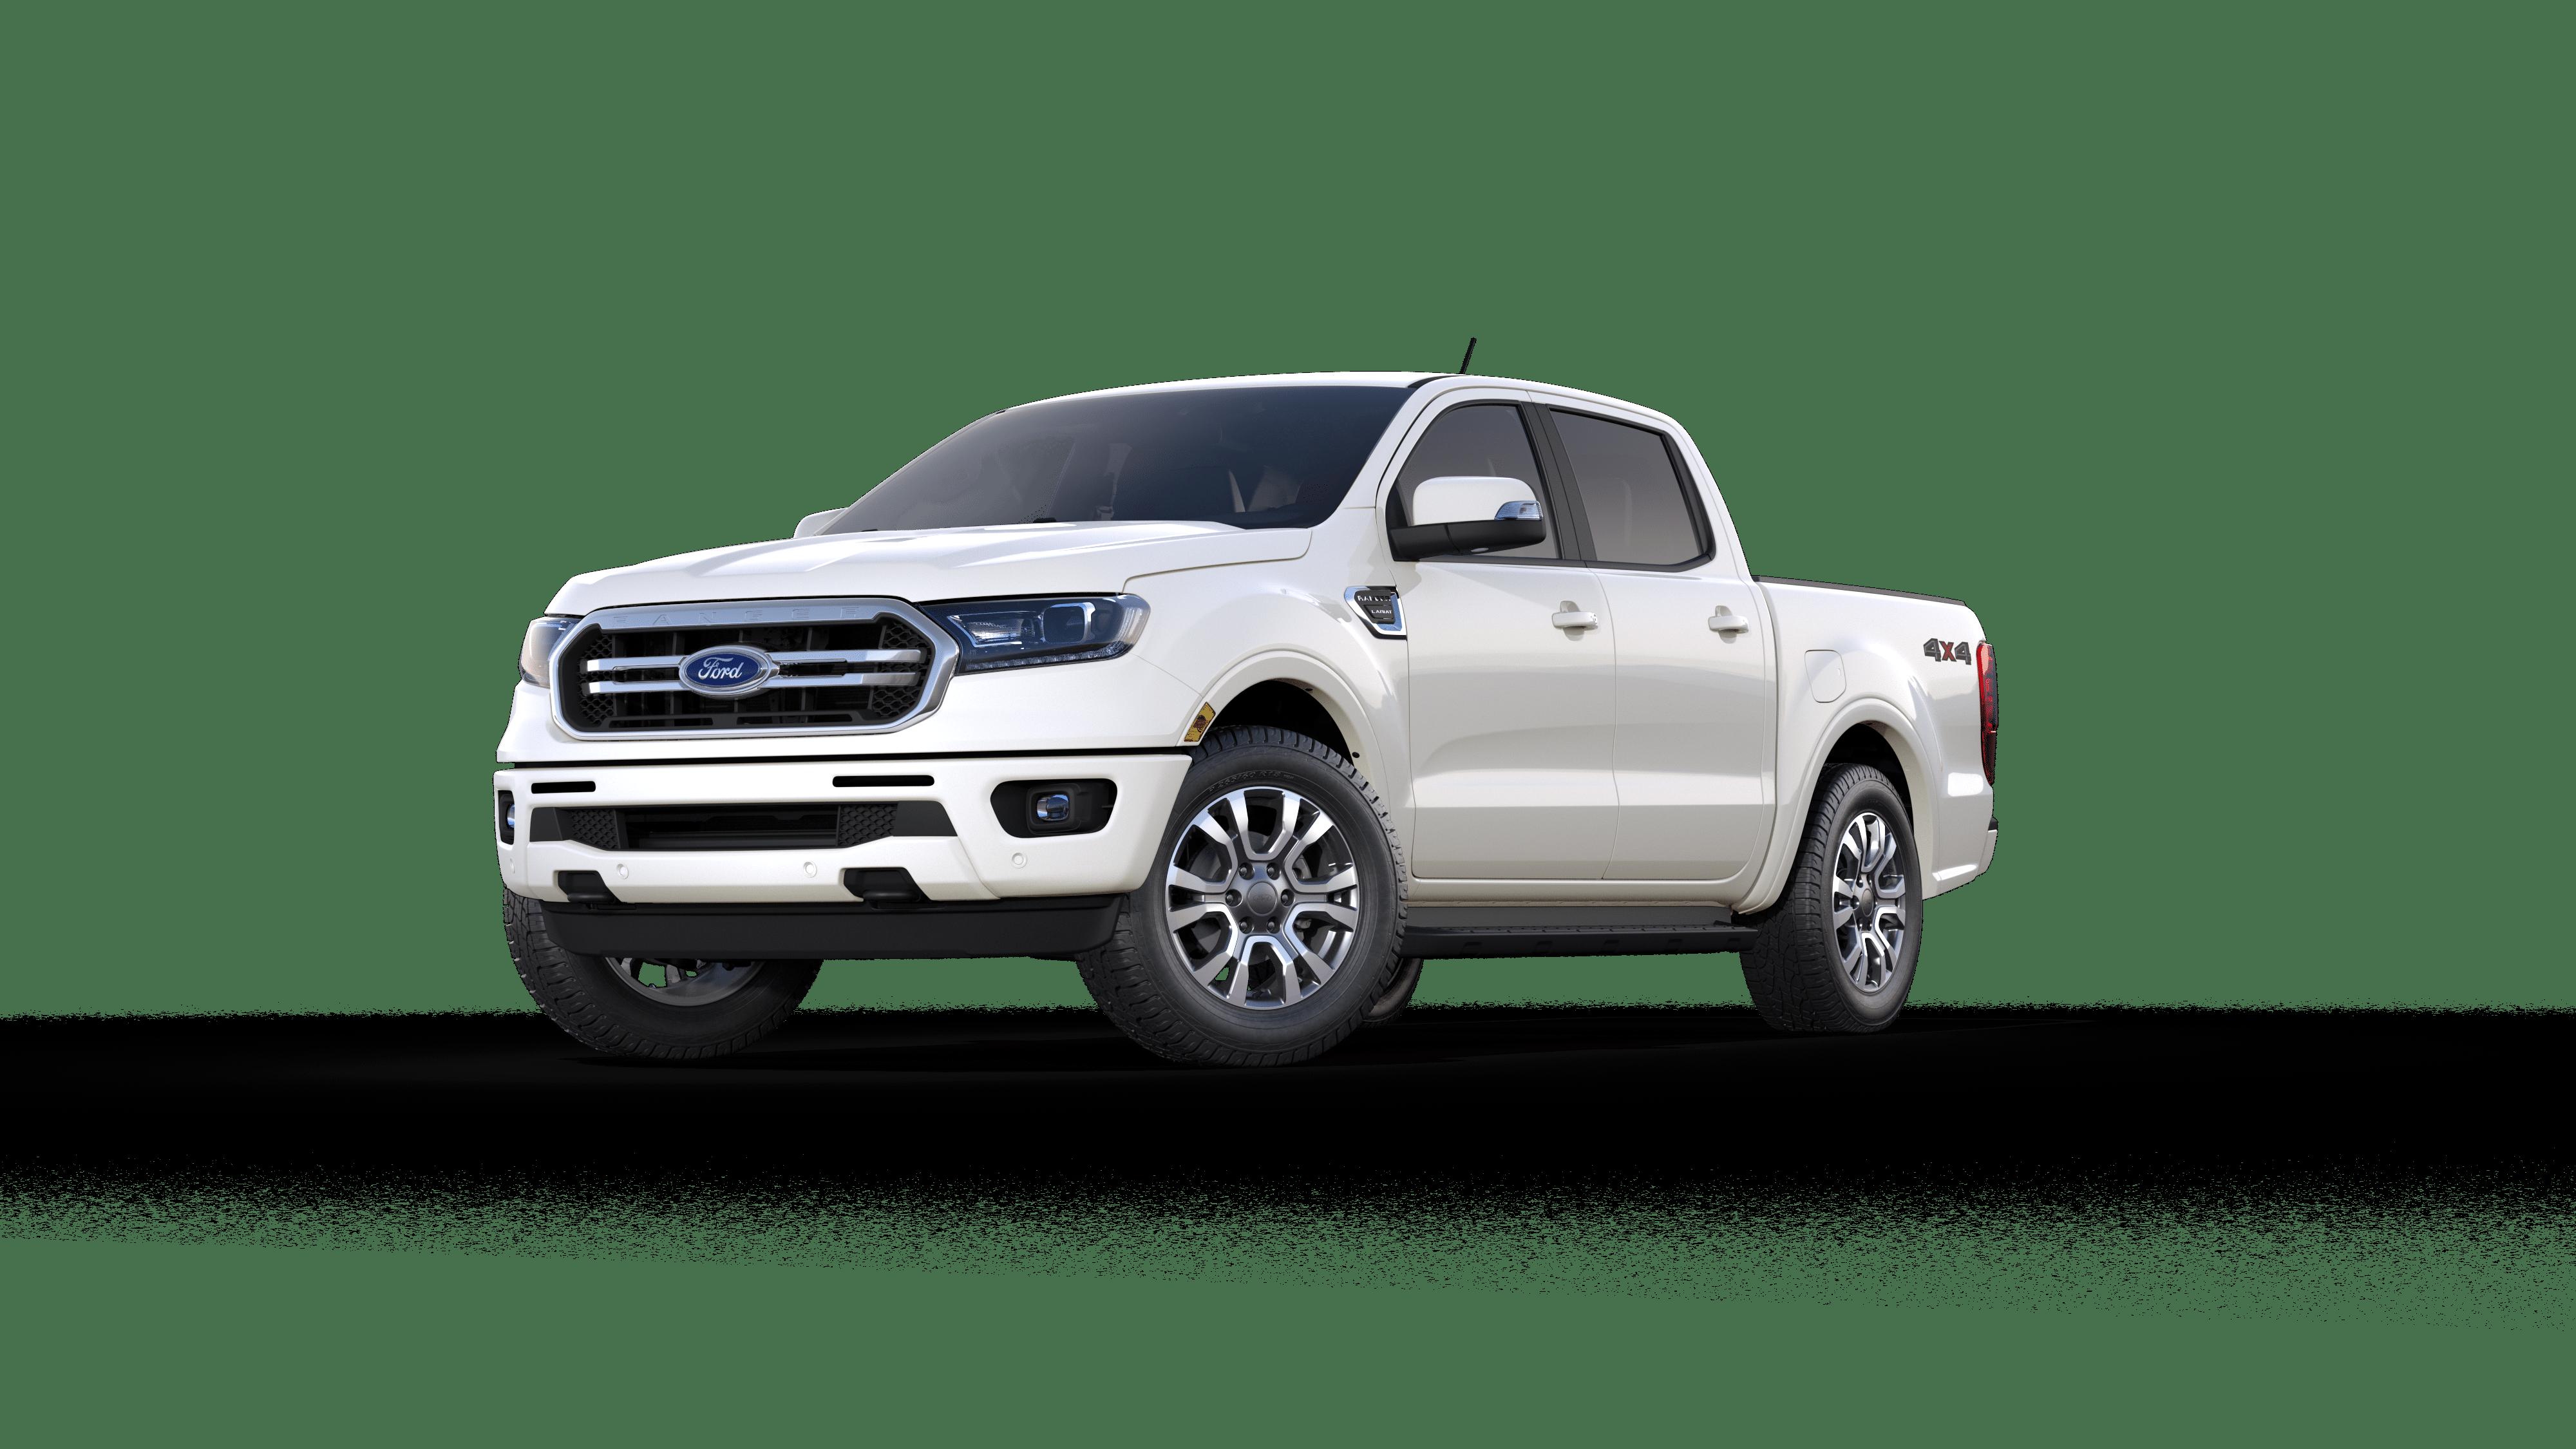 2019 Ford Ranger for sale in Norfolk - 1FTER4FH6KLA55876